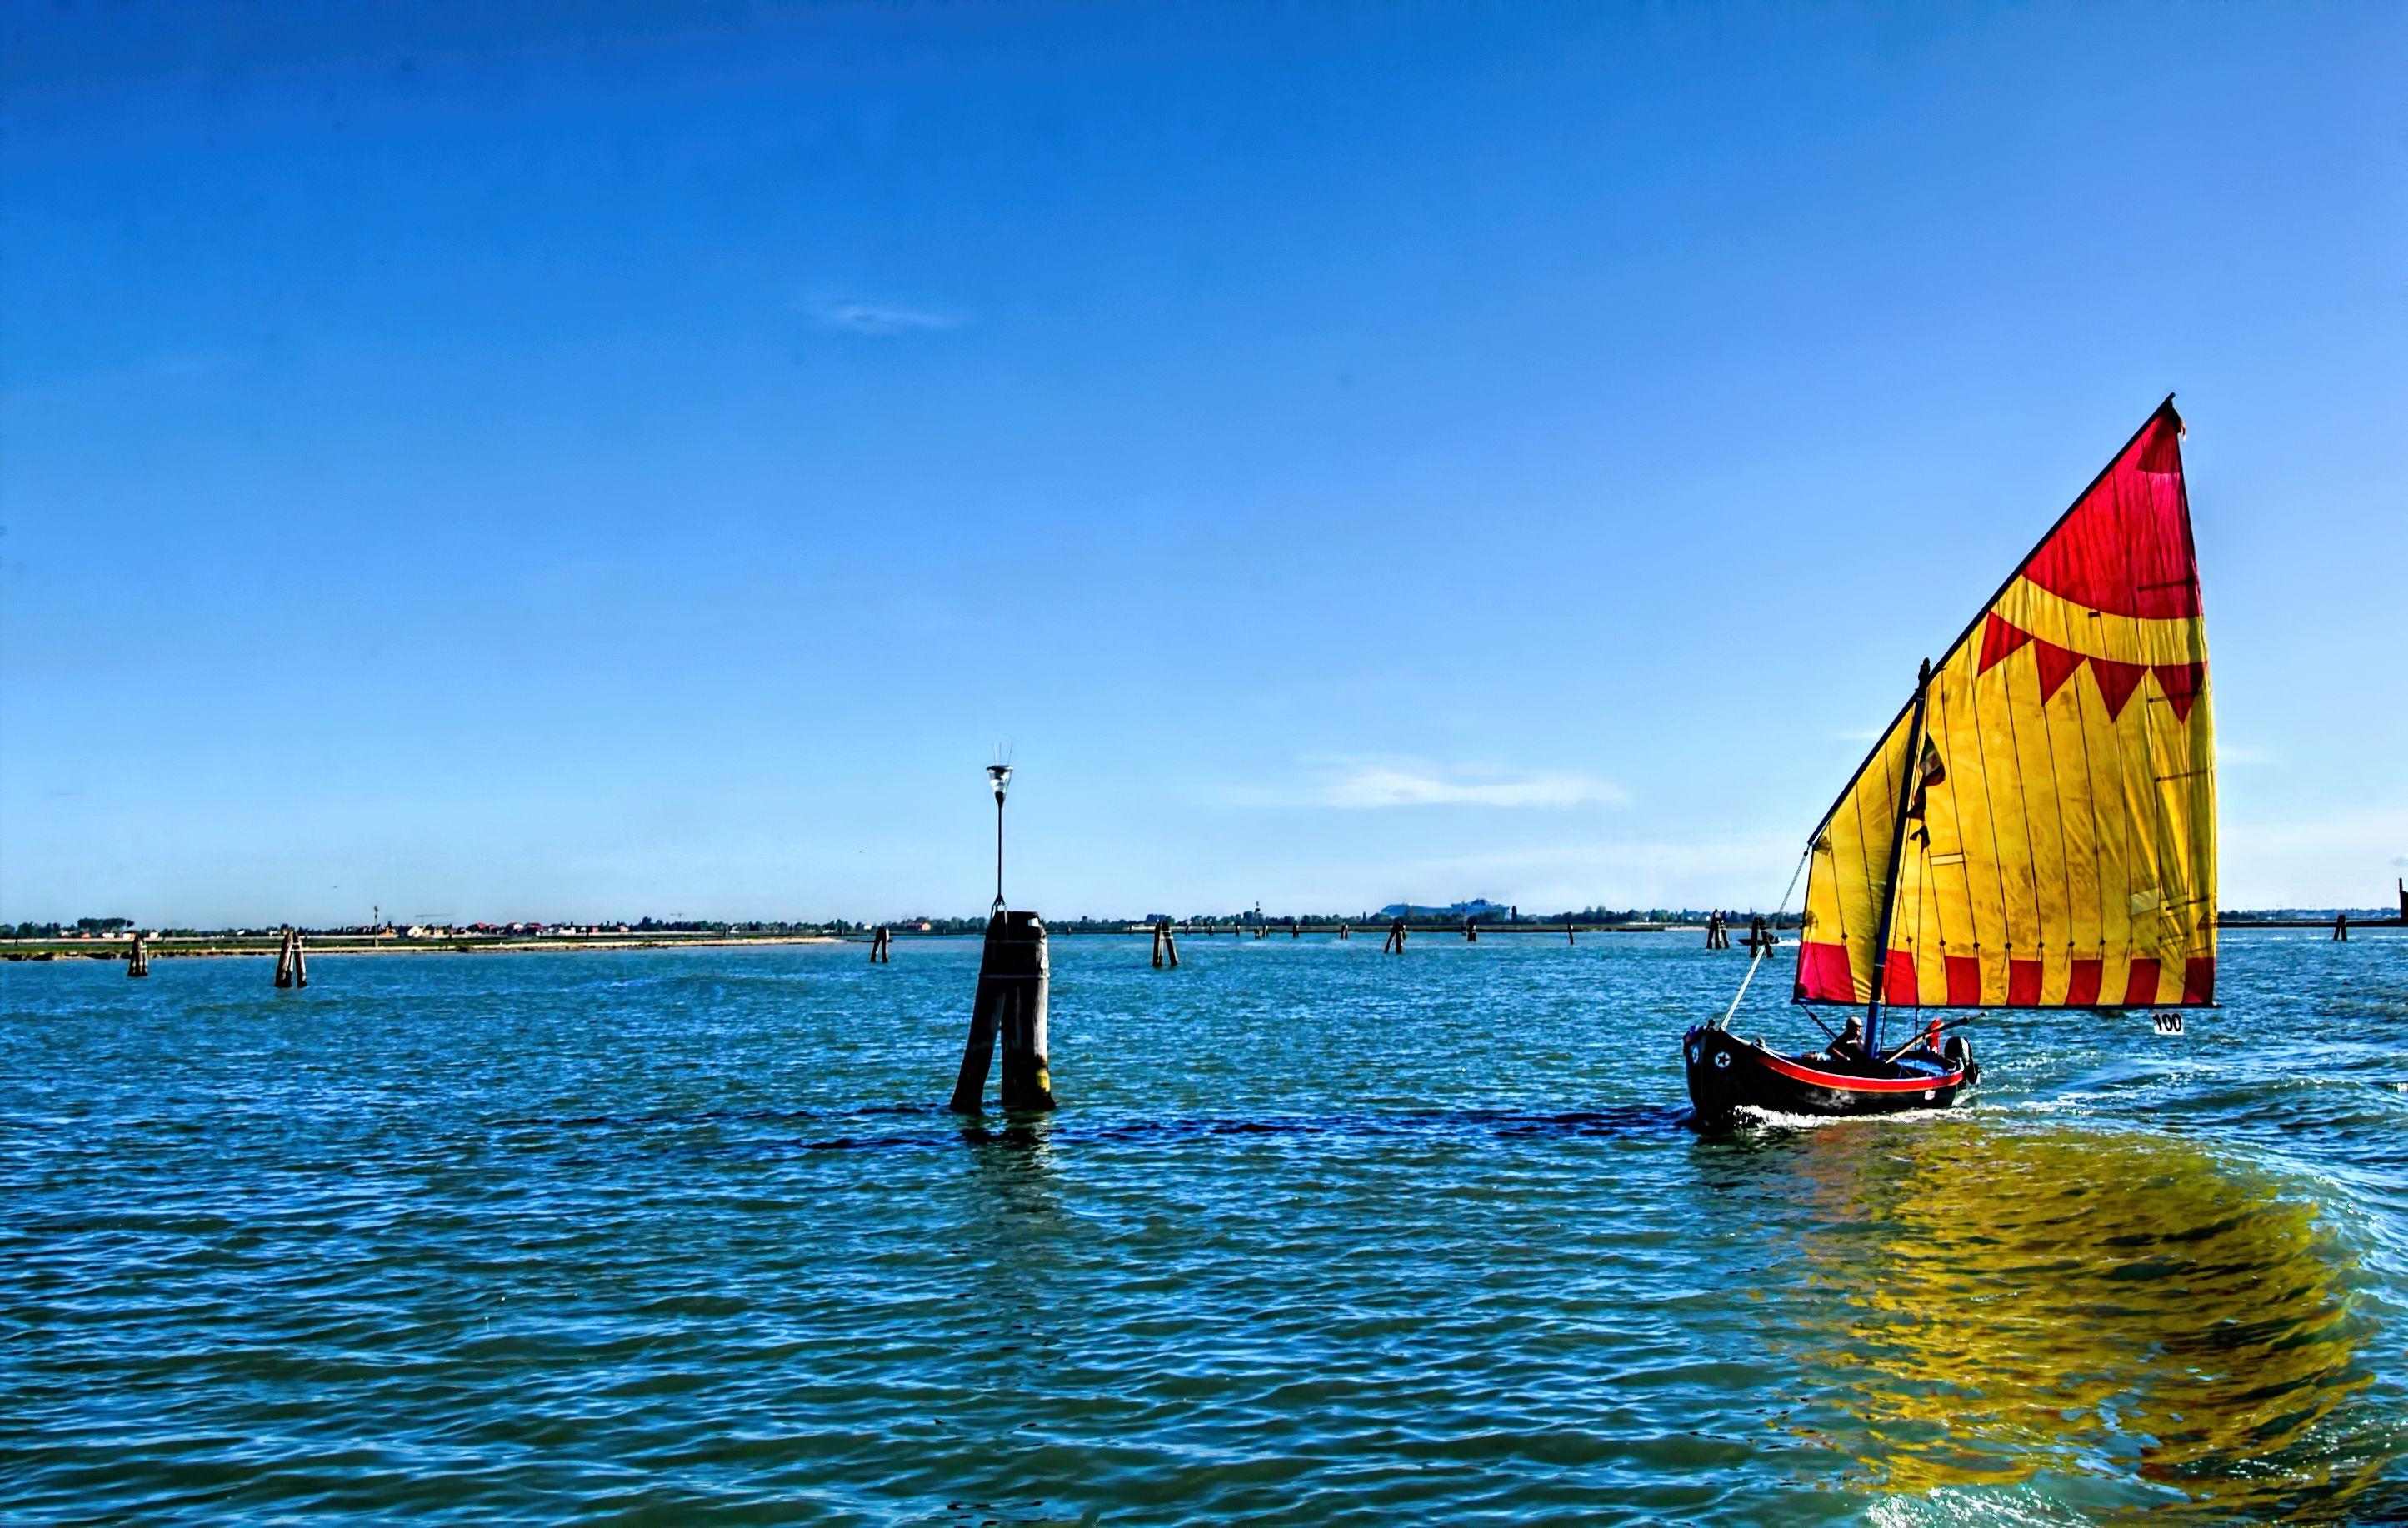 Лодка под парусом бердянск море фото